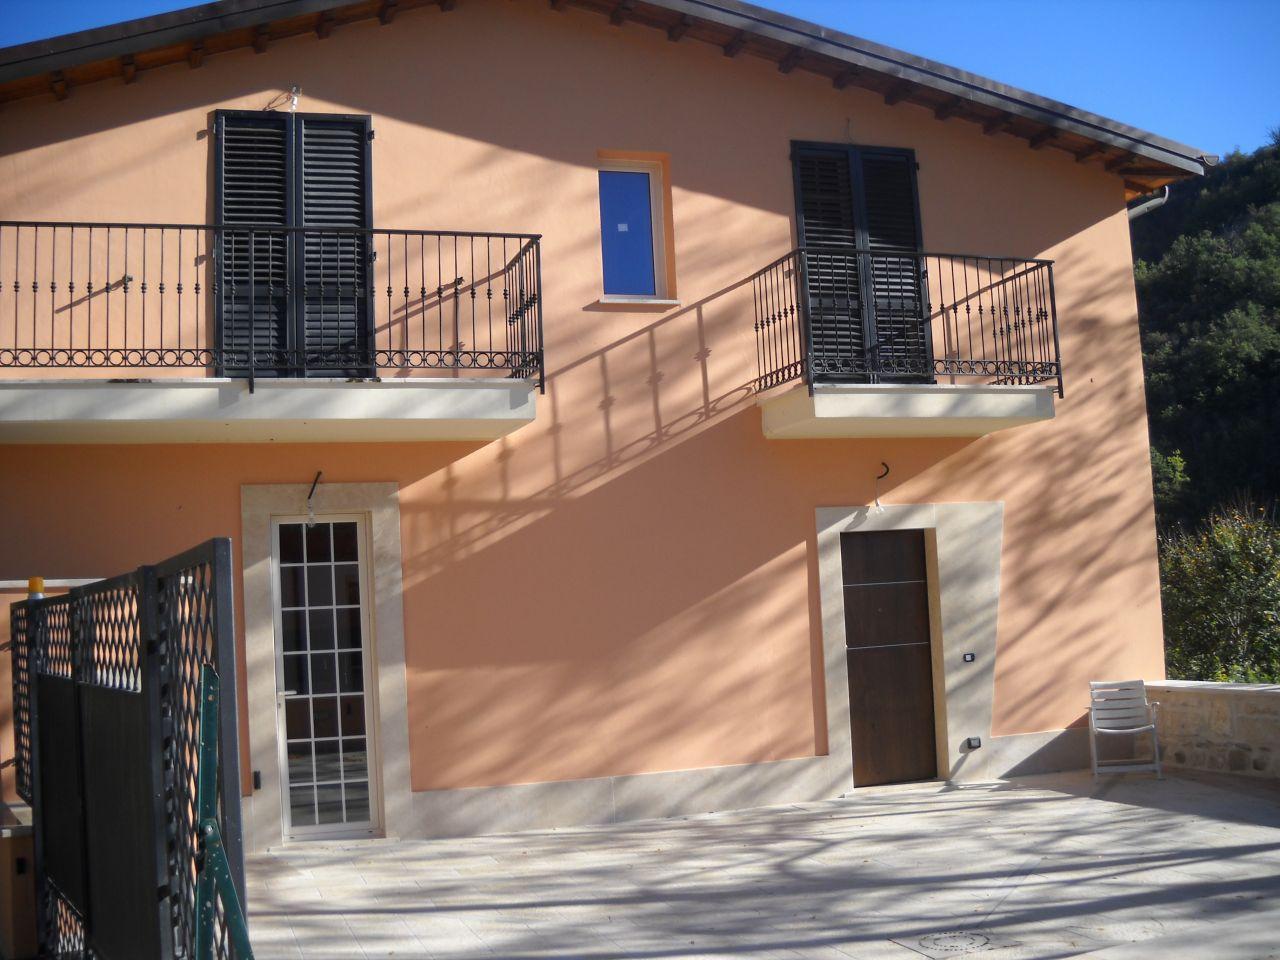 Villa Bifamiliare in vendita a Ascoli Piceno, 5 locali, zona Zona: Colonnata, prezzo € 200.000 | Cambio Casa.it